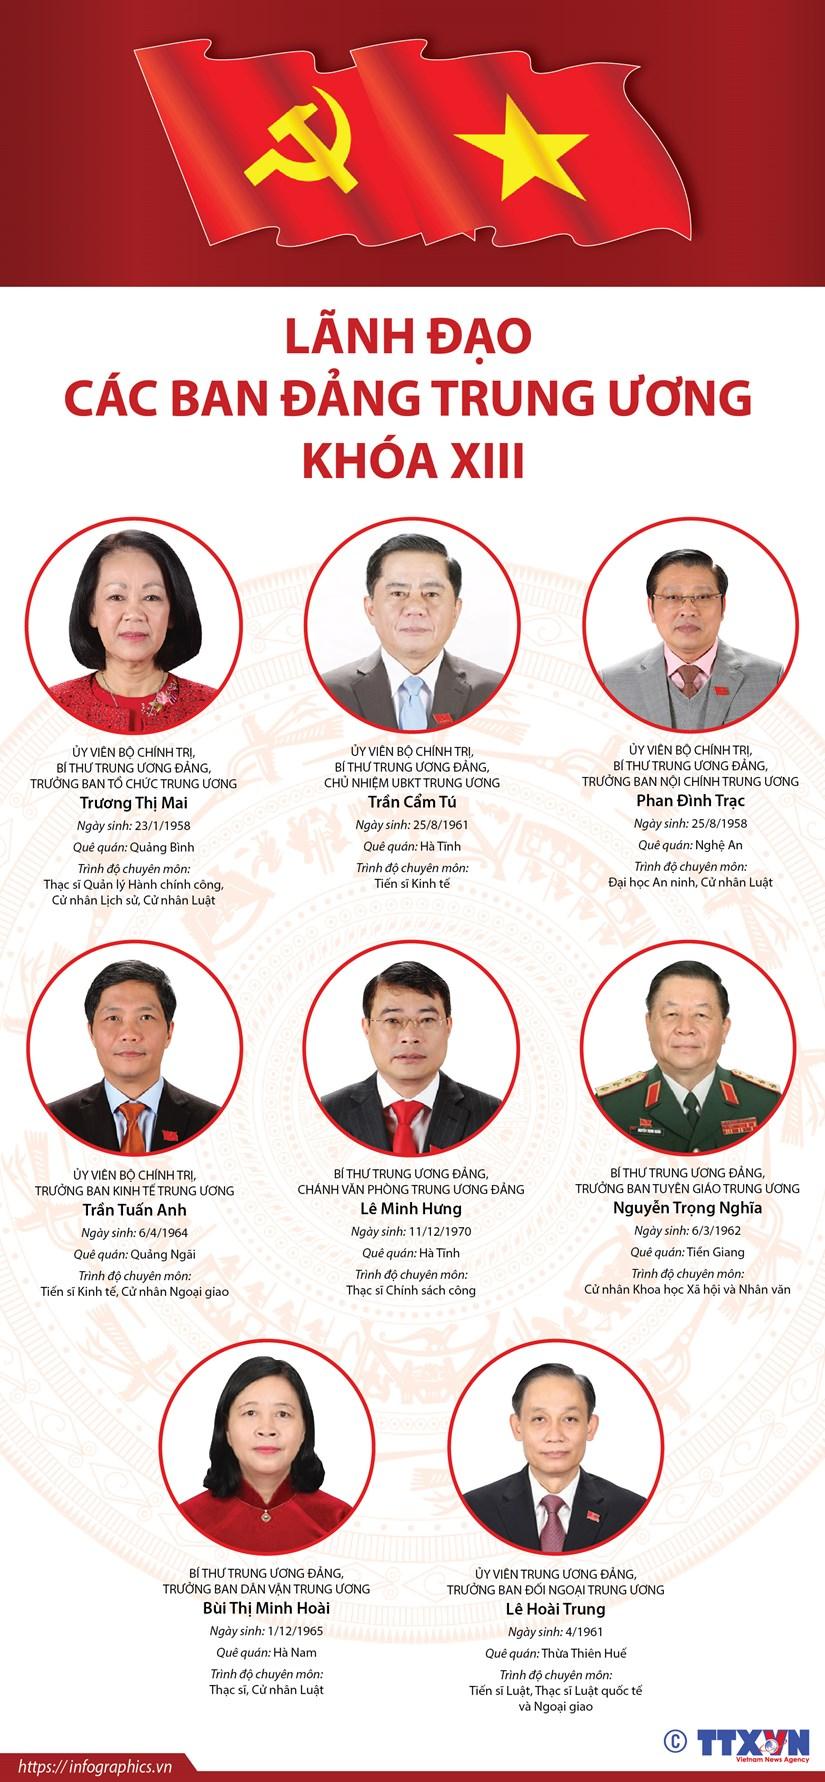 [Infographics] Lanh dao cac ban Dang Trung uong khoa XIII hinh anh 1